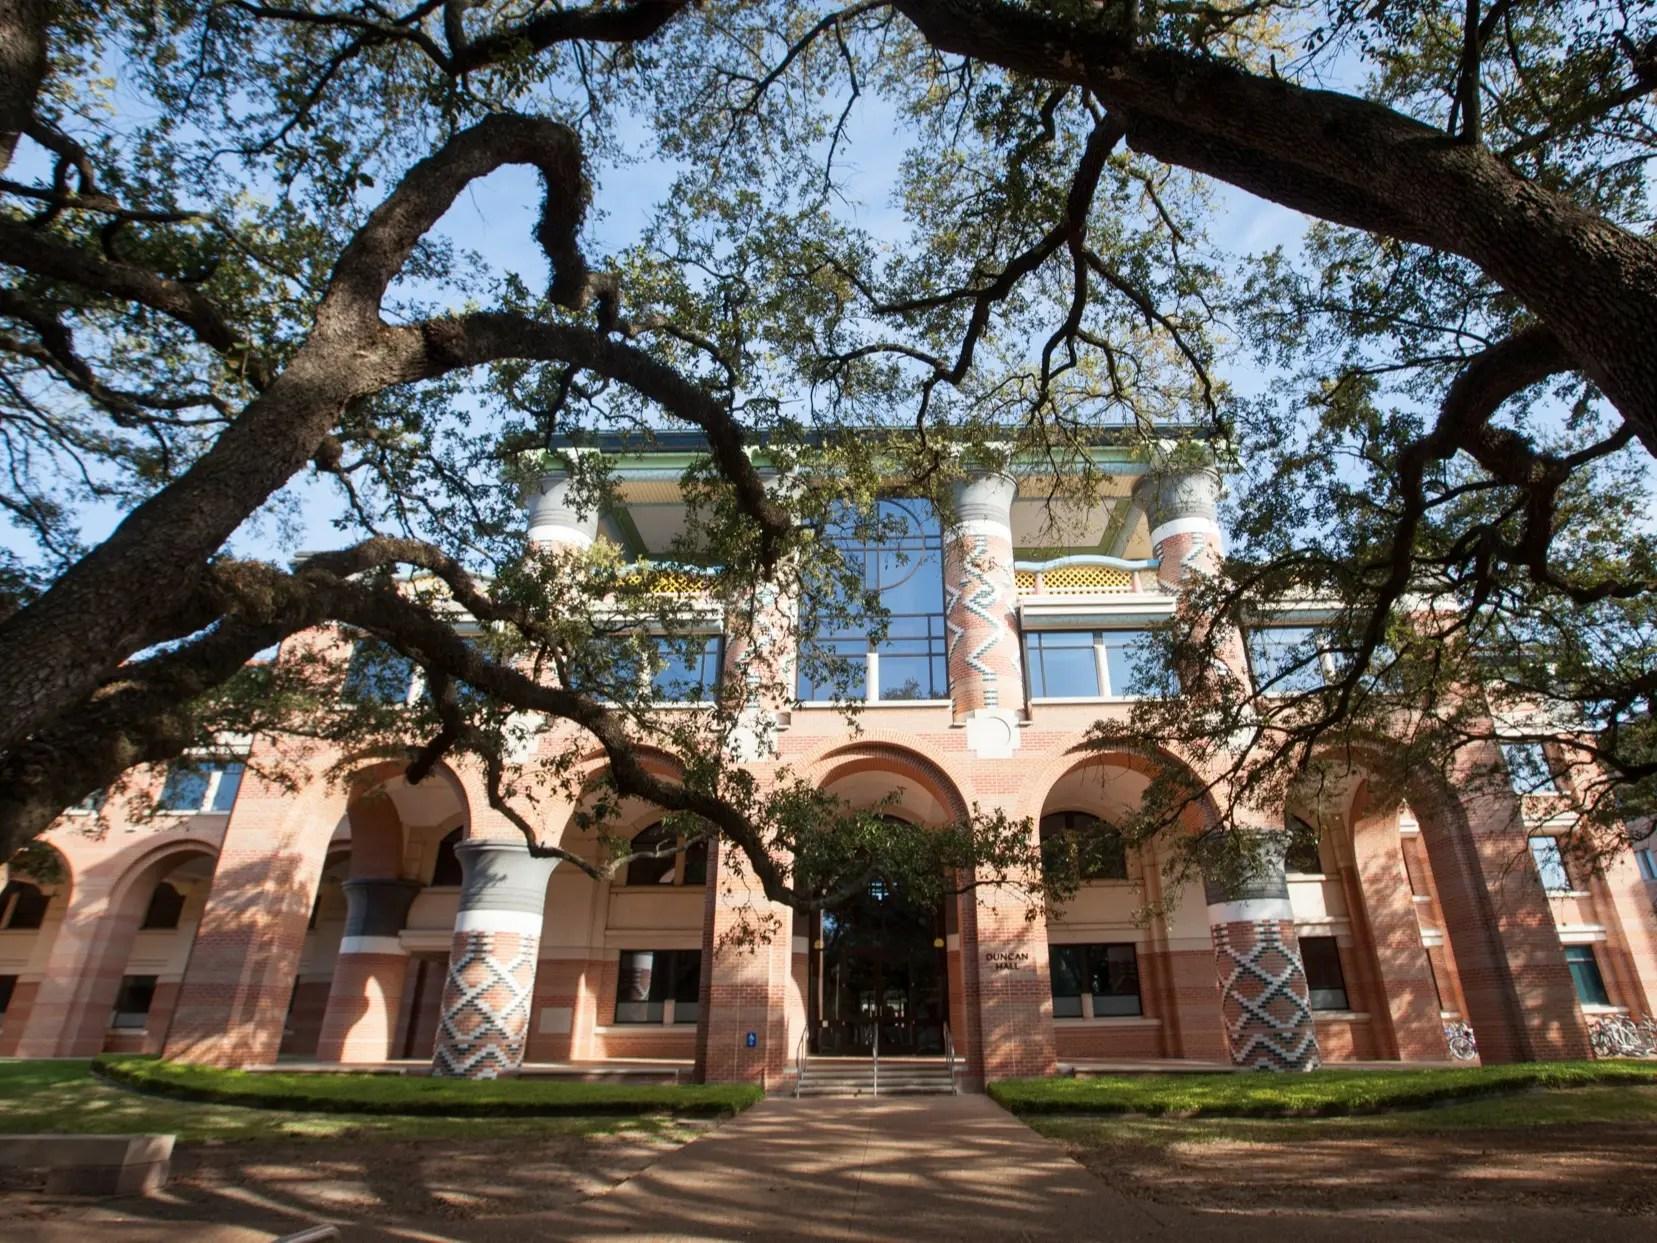 19 (TIE). Rice University